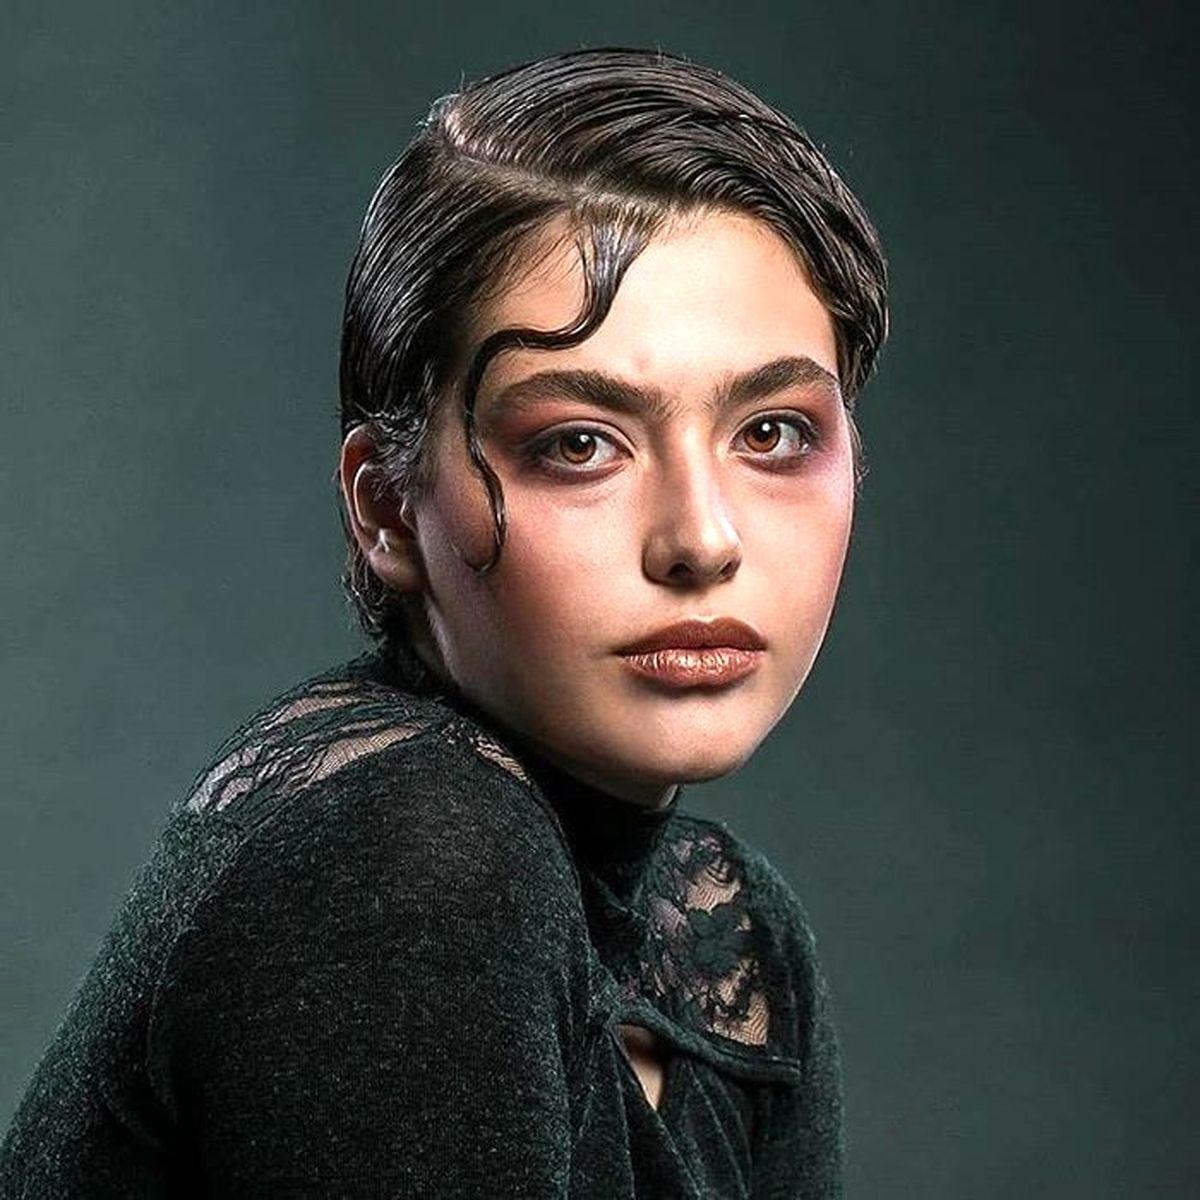 عکس زیبا از ریحانه پارسا بازیگر جوان + عکس